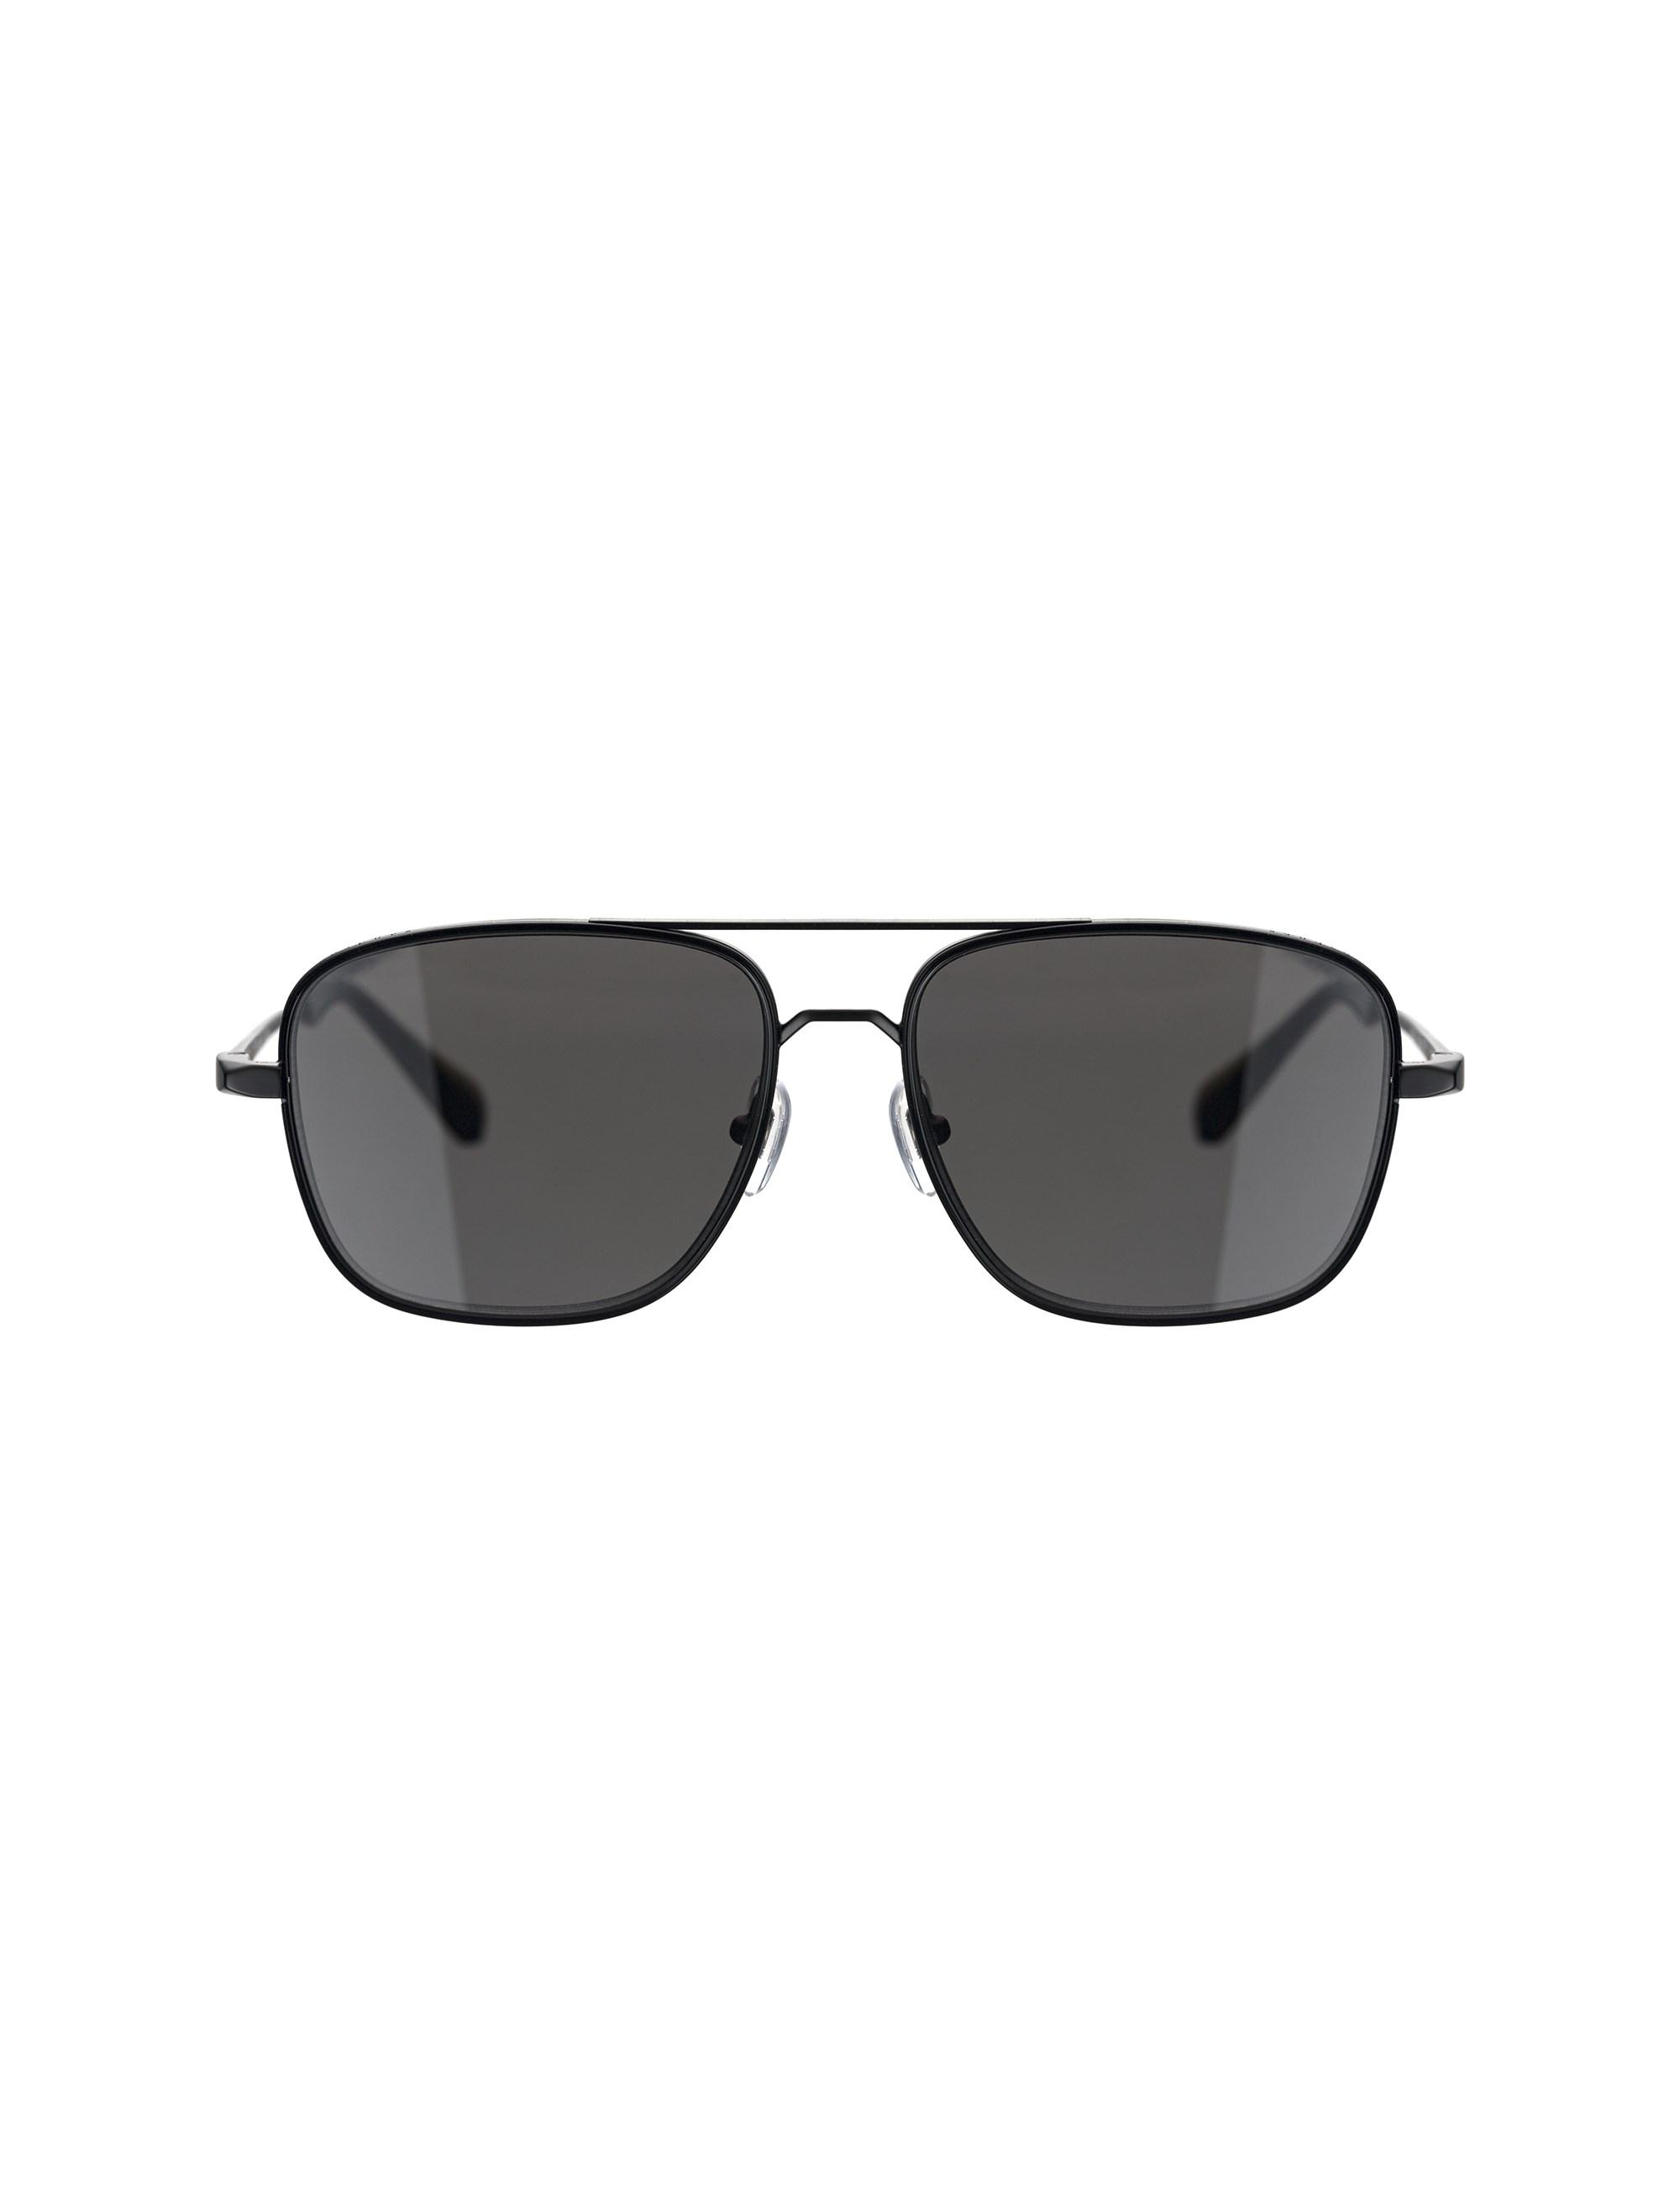 عینک آفتابی خلبانی مردانه - ساندرو